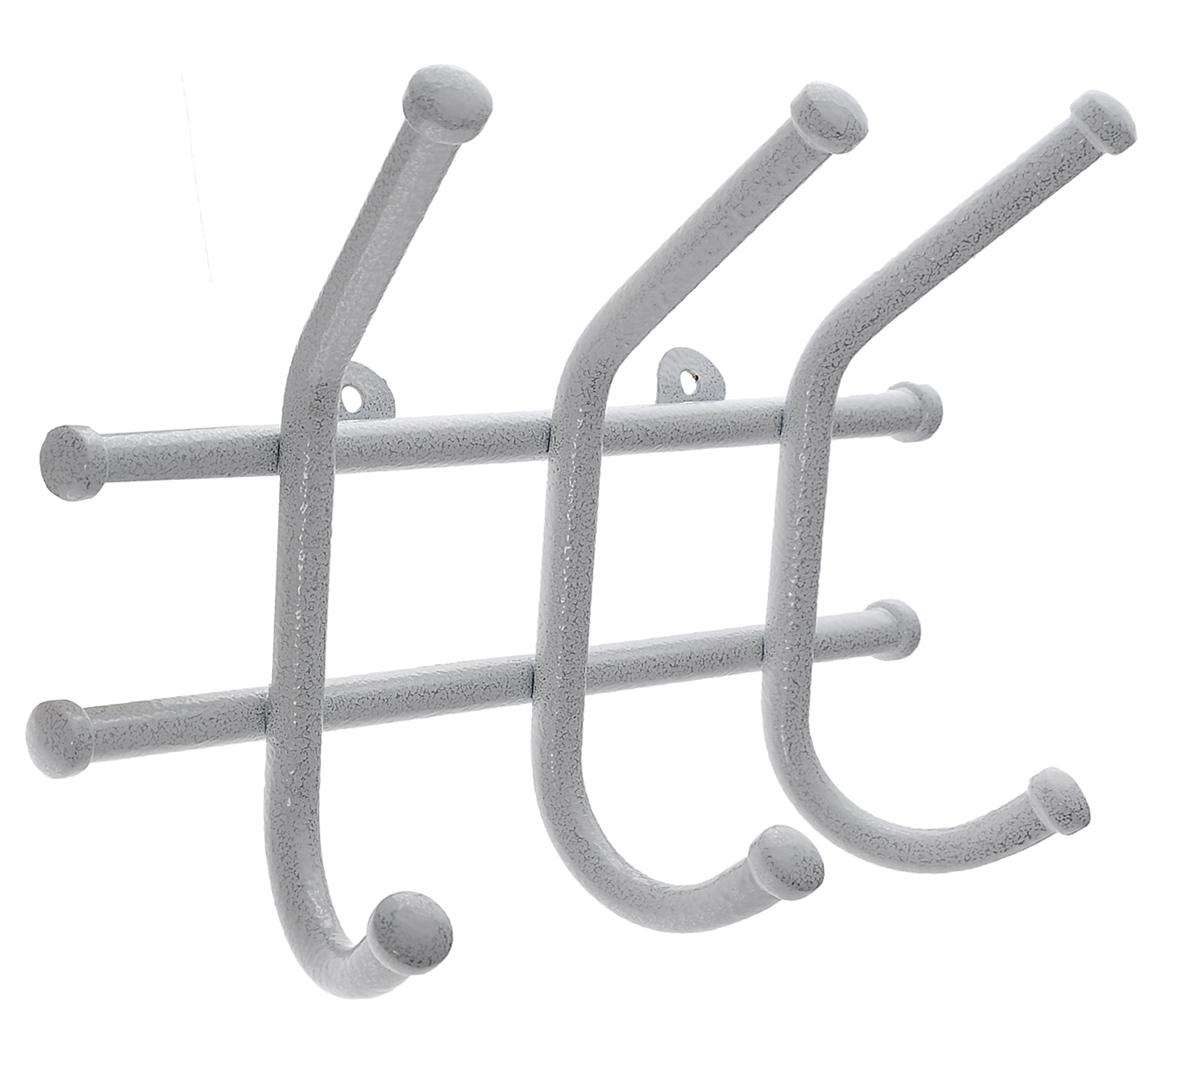 Вешалка настенная ЗМИ Норма 3, цвет: белый, 3 крючкаВН 64 БСНастенная вешалка ЗМИ Норма 3 изготовлена из прочного металла с полимерным покрытием. Изделие оснащено 4 крючками для одежды. Вешалка крепится к стене при помощи двух шурупов (не входят в комплект).Вешалка ЗМИ Норма 3 идеально подходит для маленьких прихожих и ограниченных пространств.